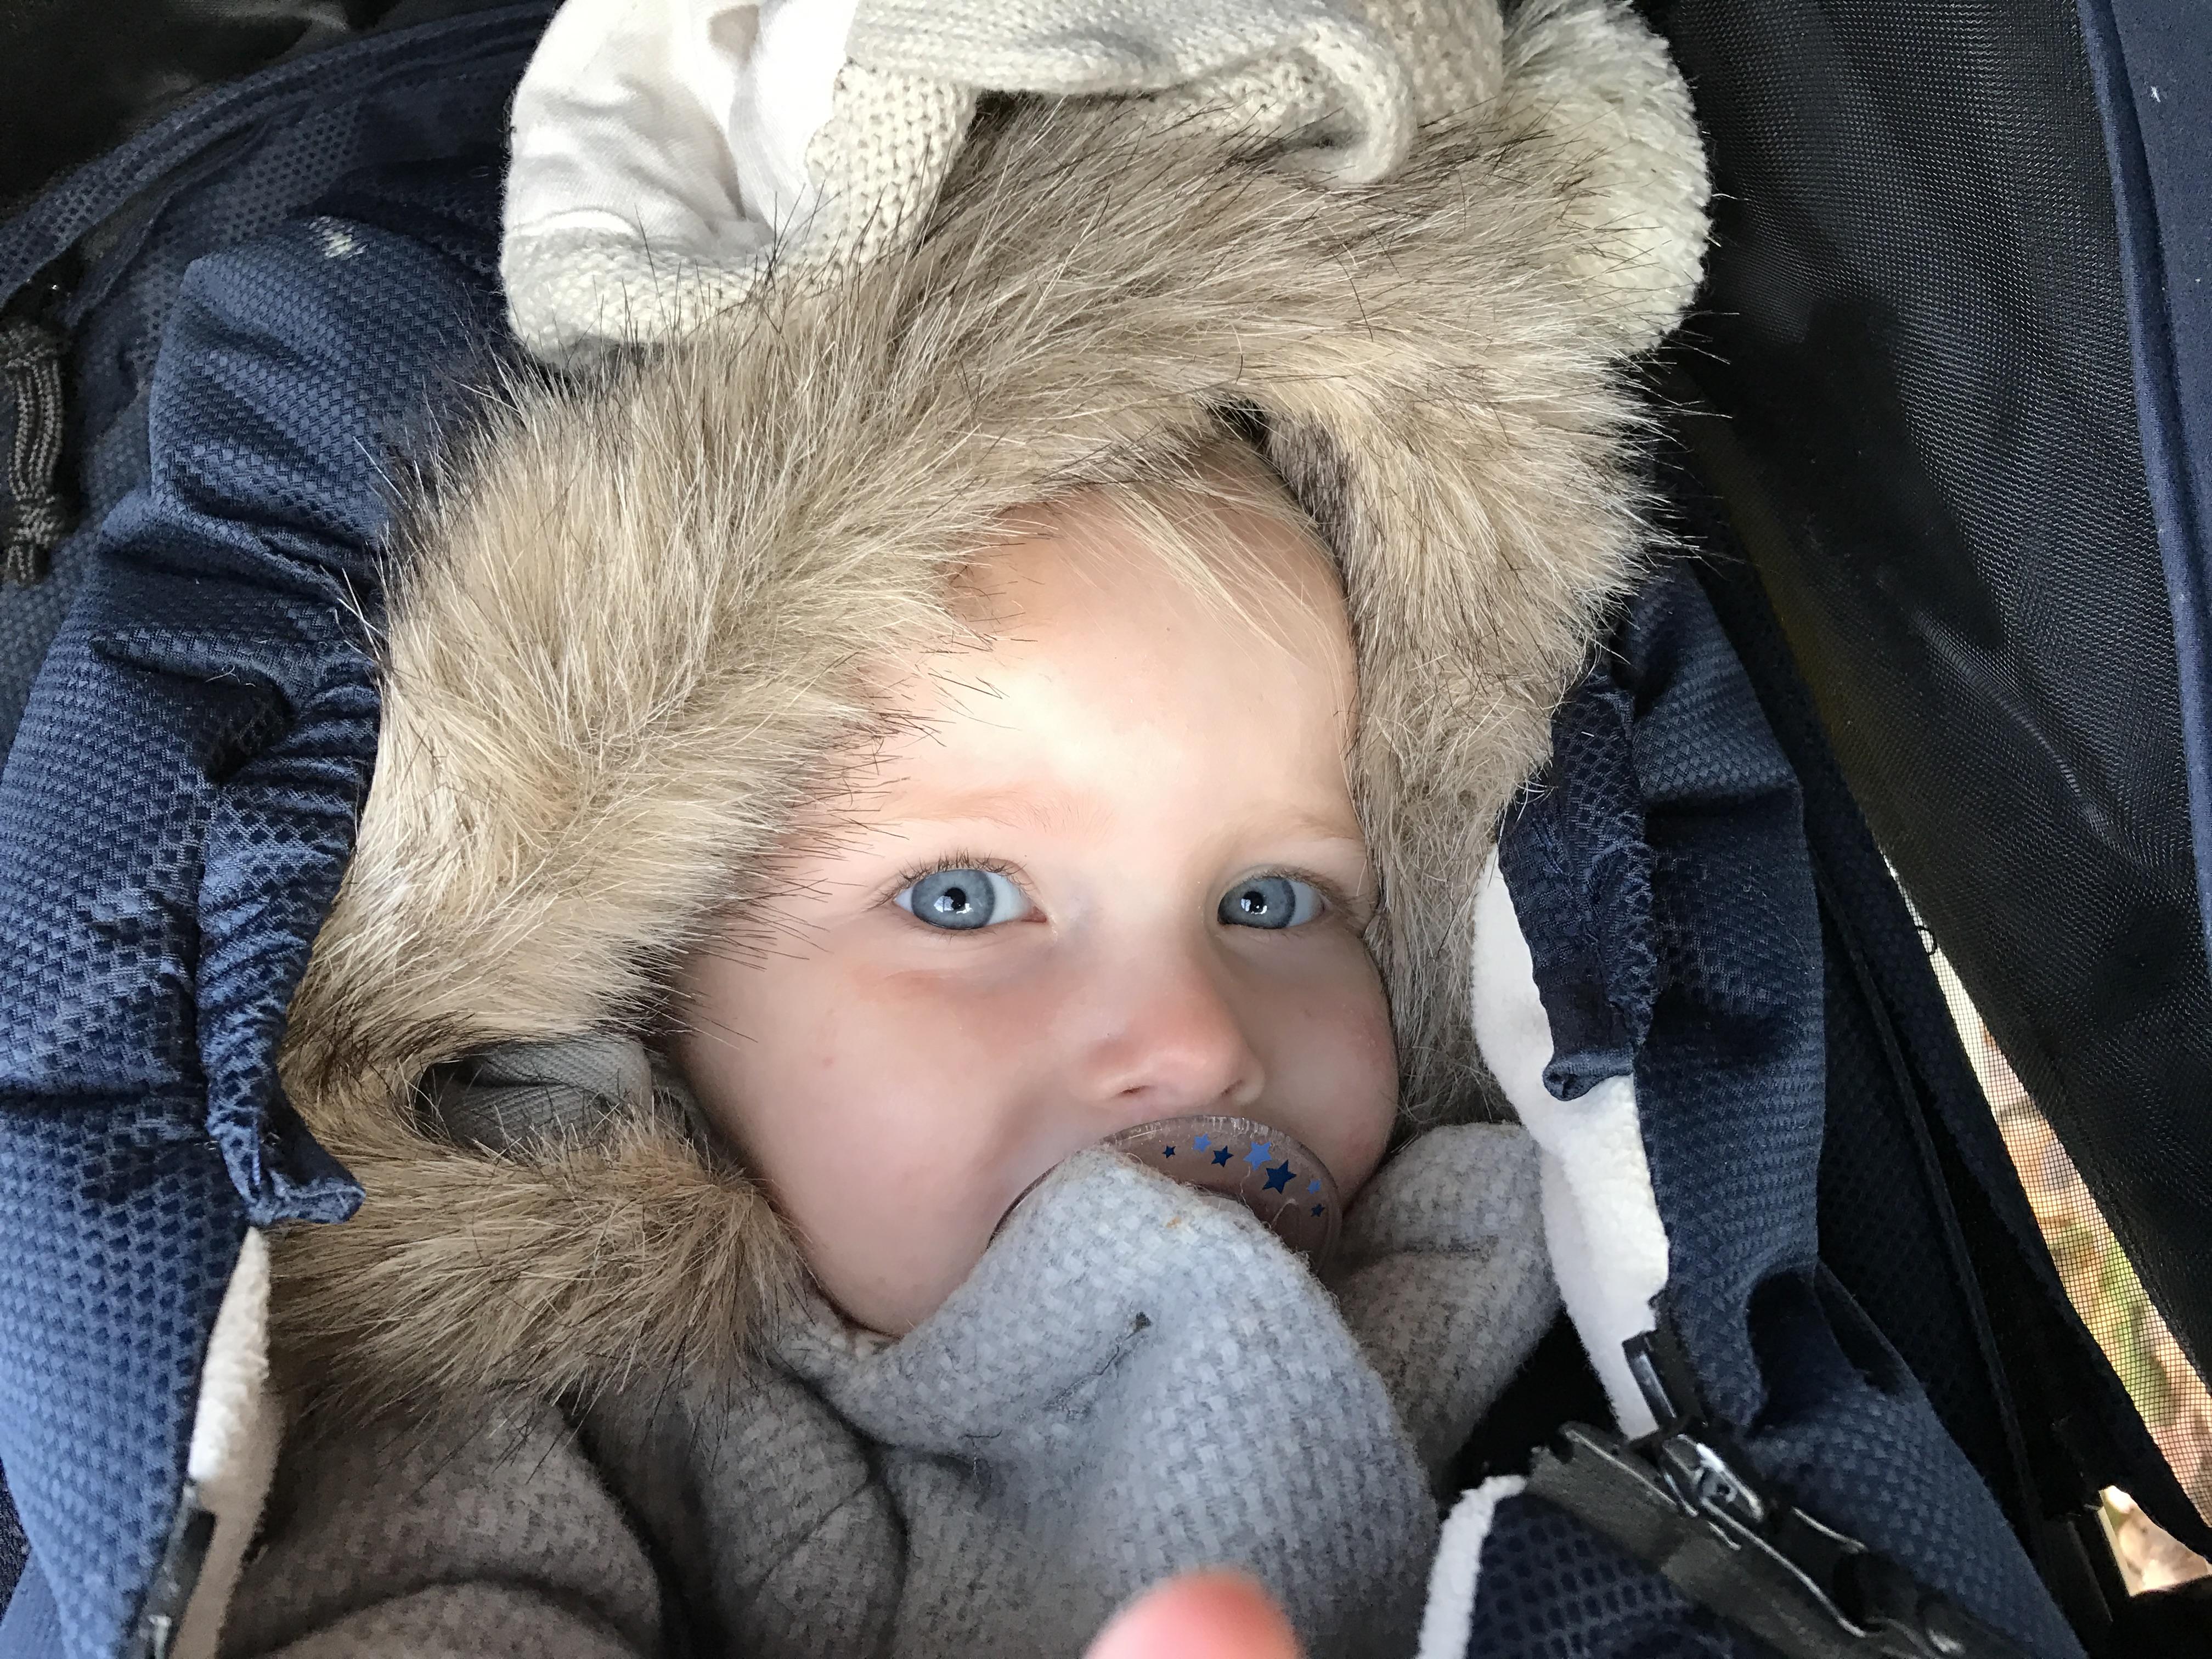 11-16-pech-onderweg-autopechanwb-kinderen-kleine-baby-kind-wat-doen-alarm-uit-de-auto-ervaring-nanny-moeder-amsterdam-warm